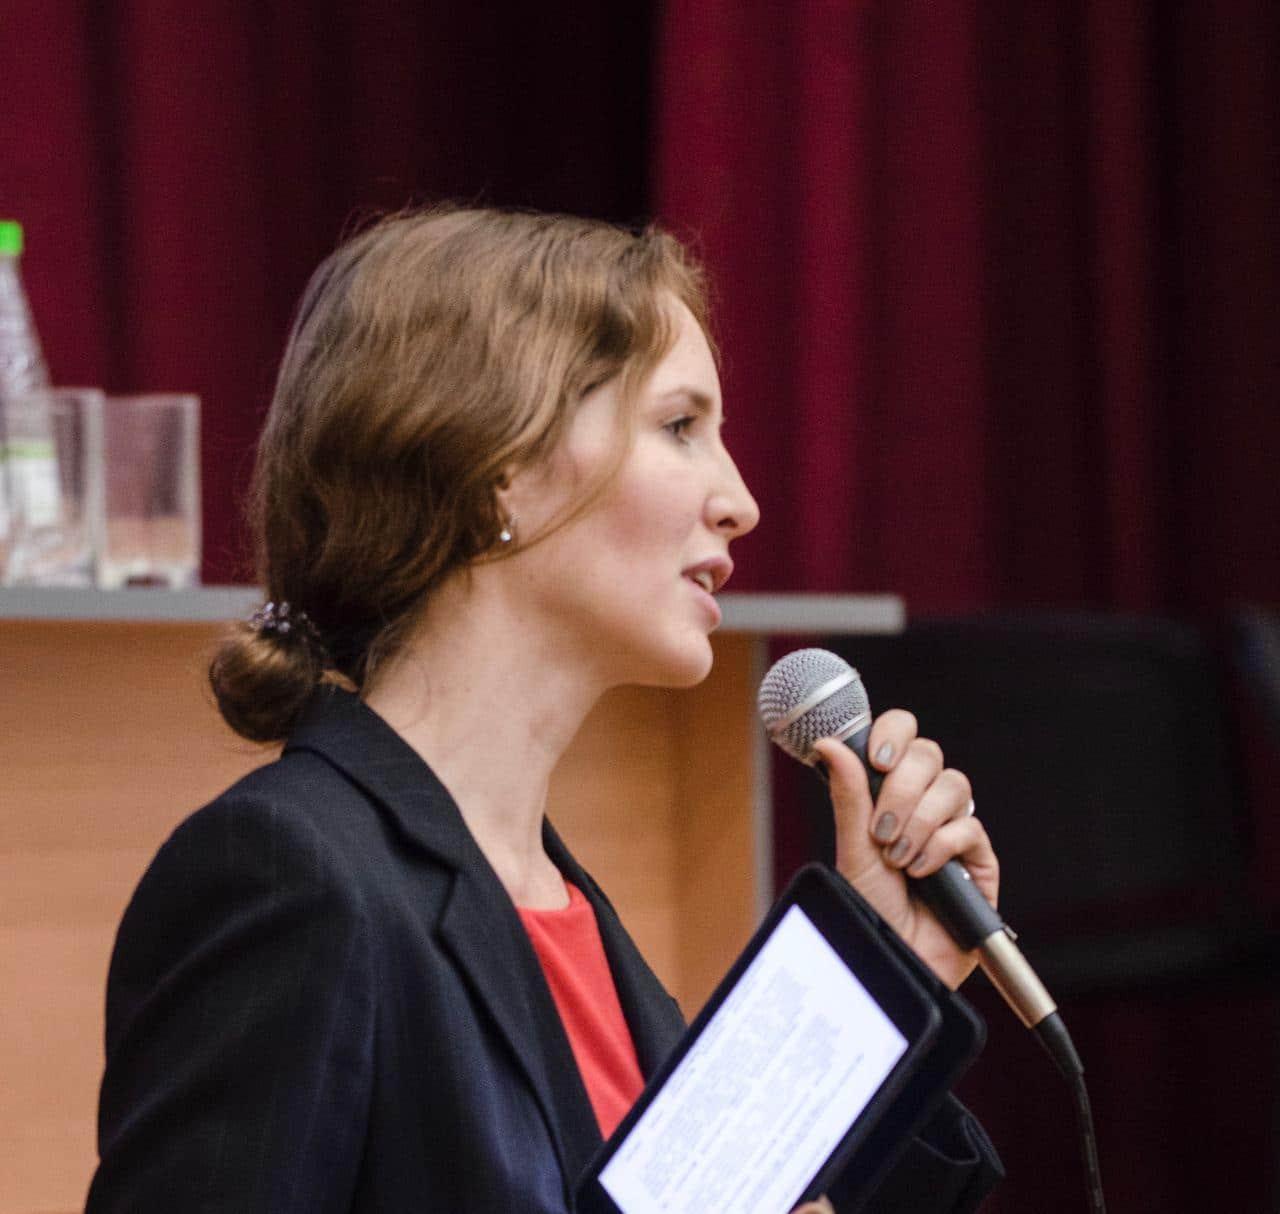 Сотрудник сектора приходского просвещения провела вводную лекцию в рамках курсов повышения квалификации педагогов по Основам православн